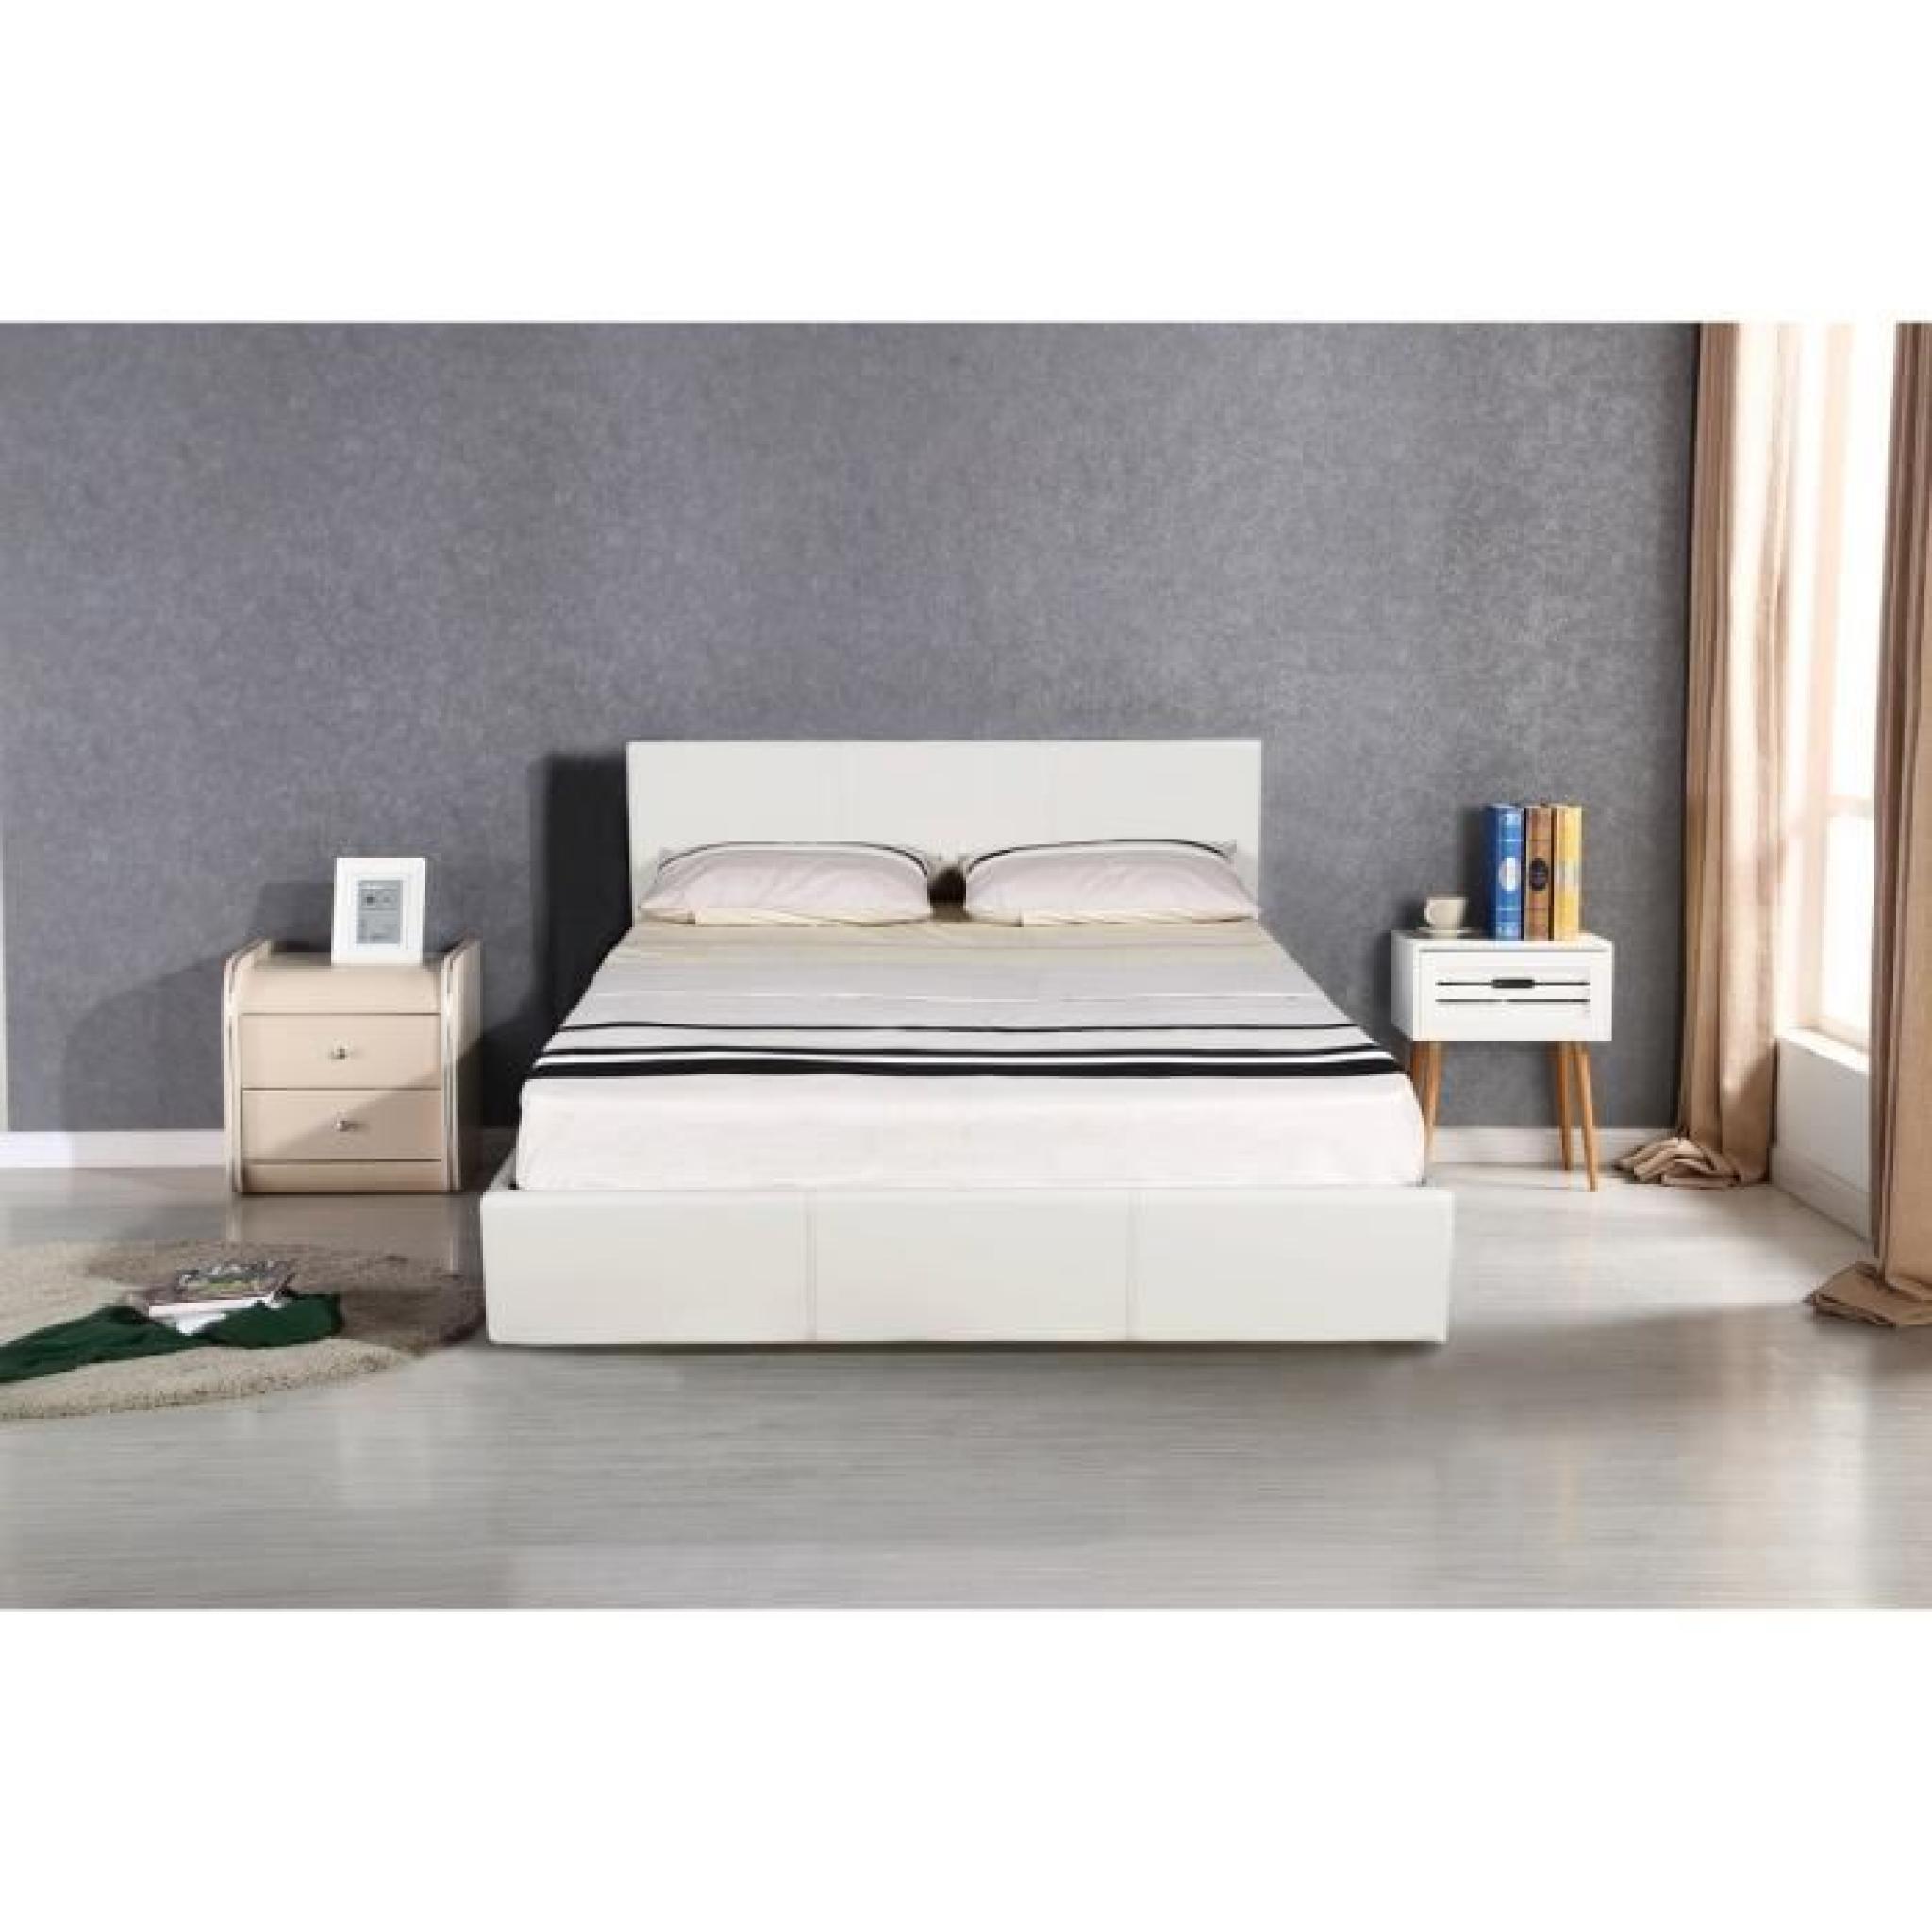 altess lit coffre adulte sommier 140x190cm blanc achat vente lit pas cher couleur et. Black Bedroom Furniture Sets. Home Design Ideas